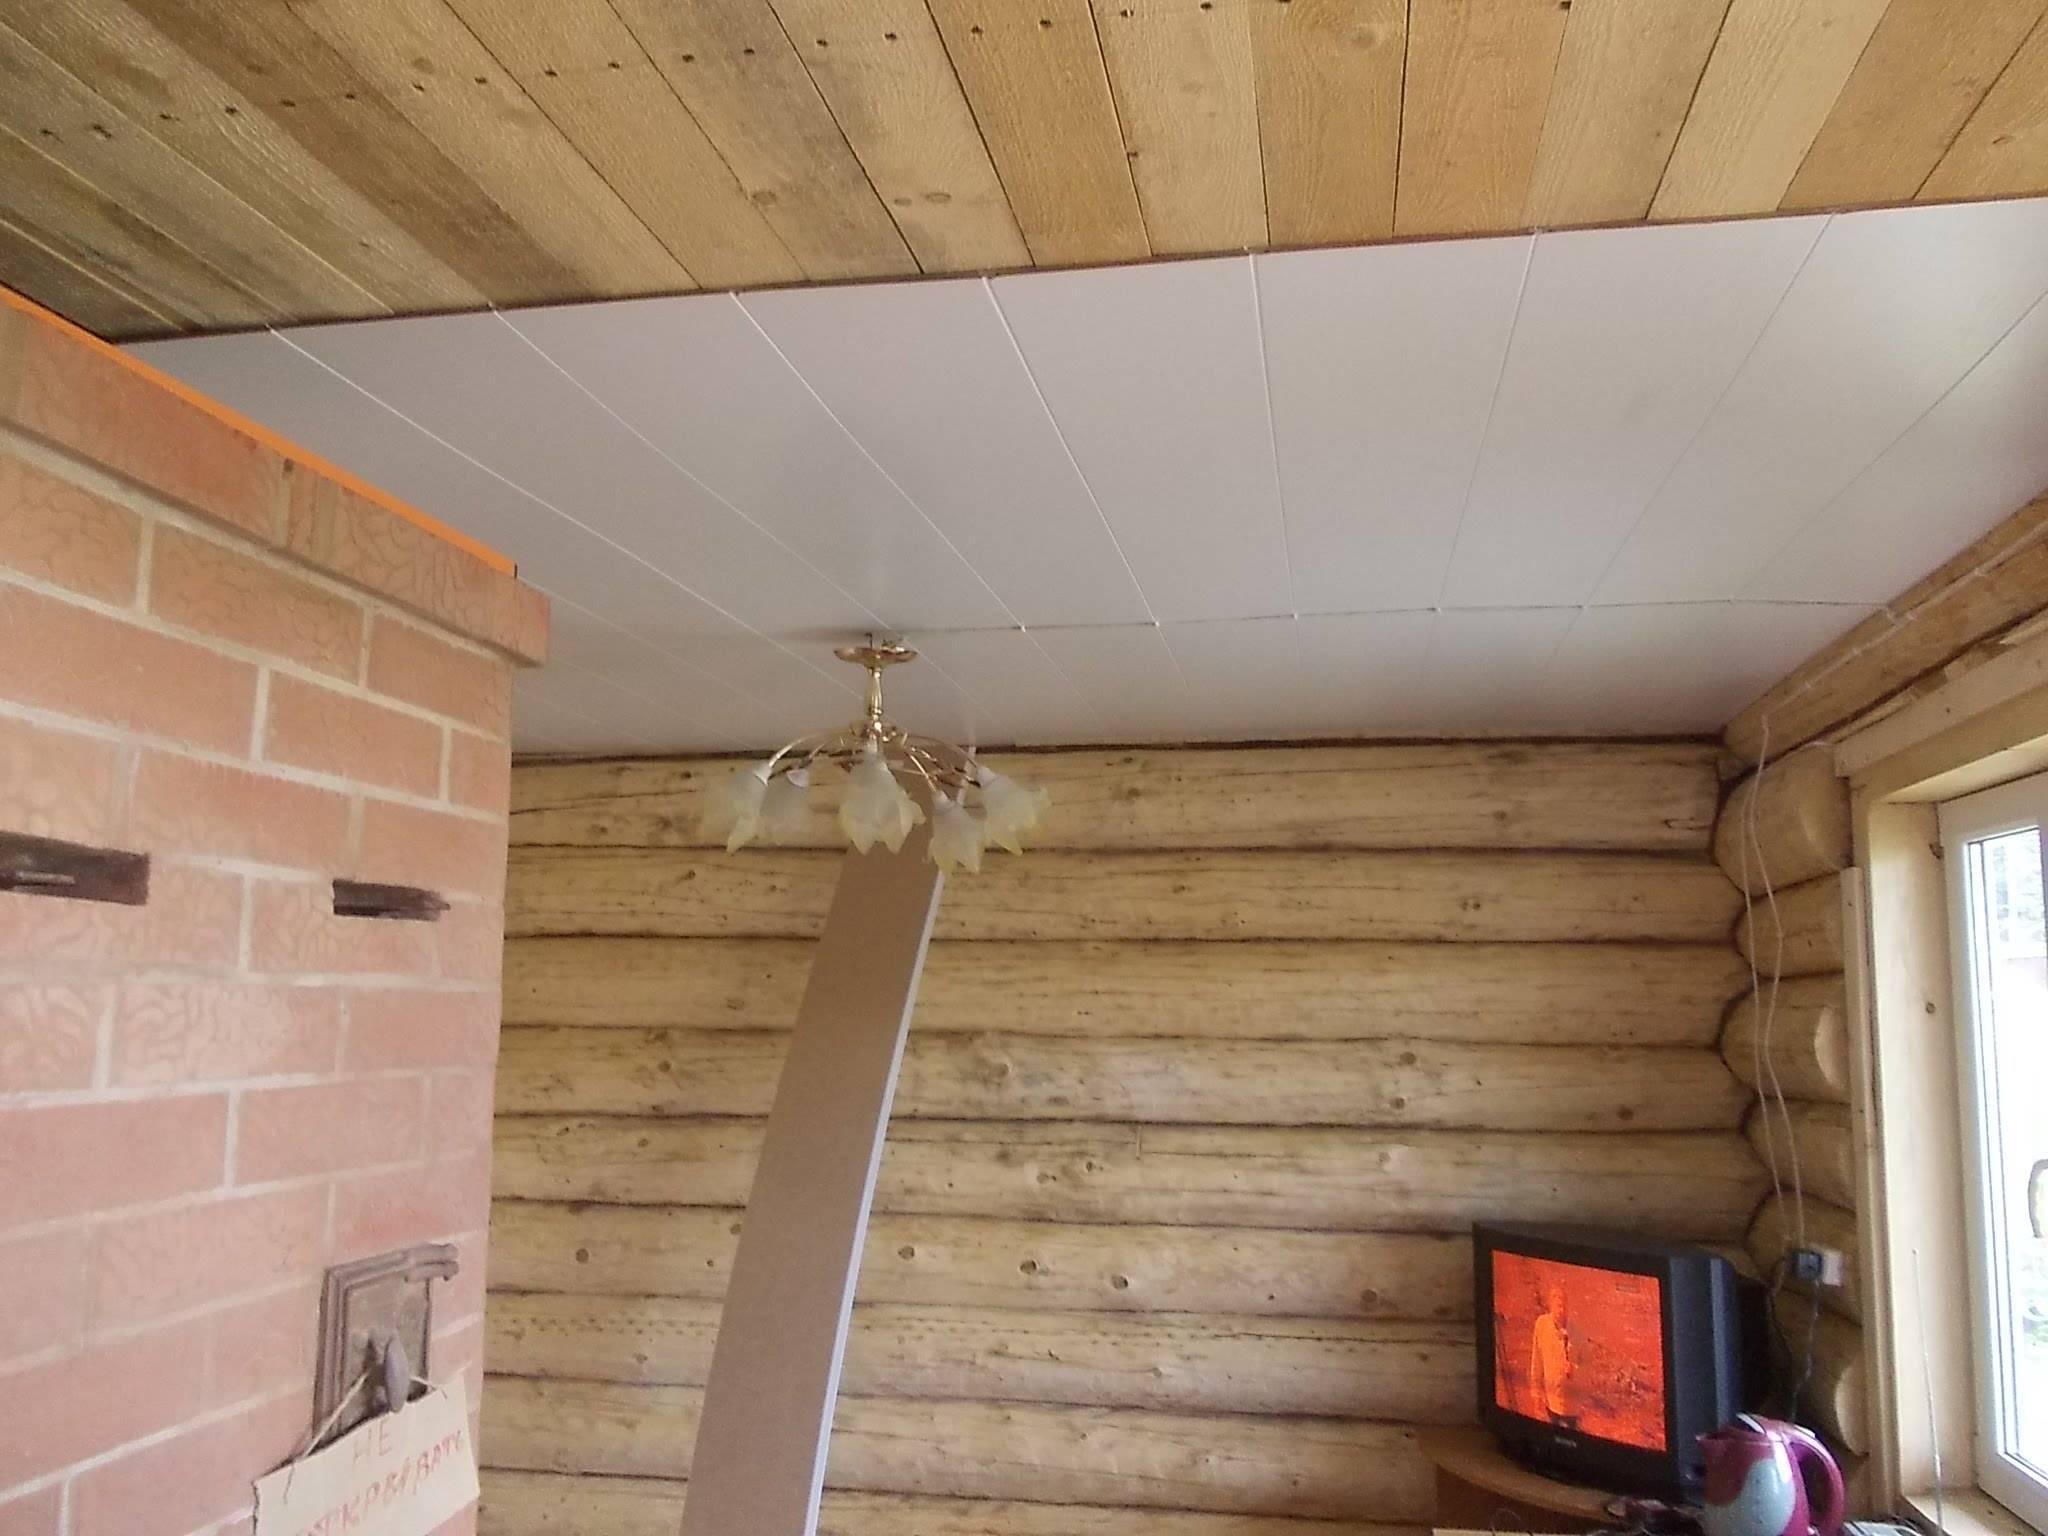 Как своими руками сделать потолок из сайдинга?